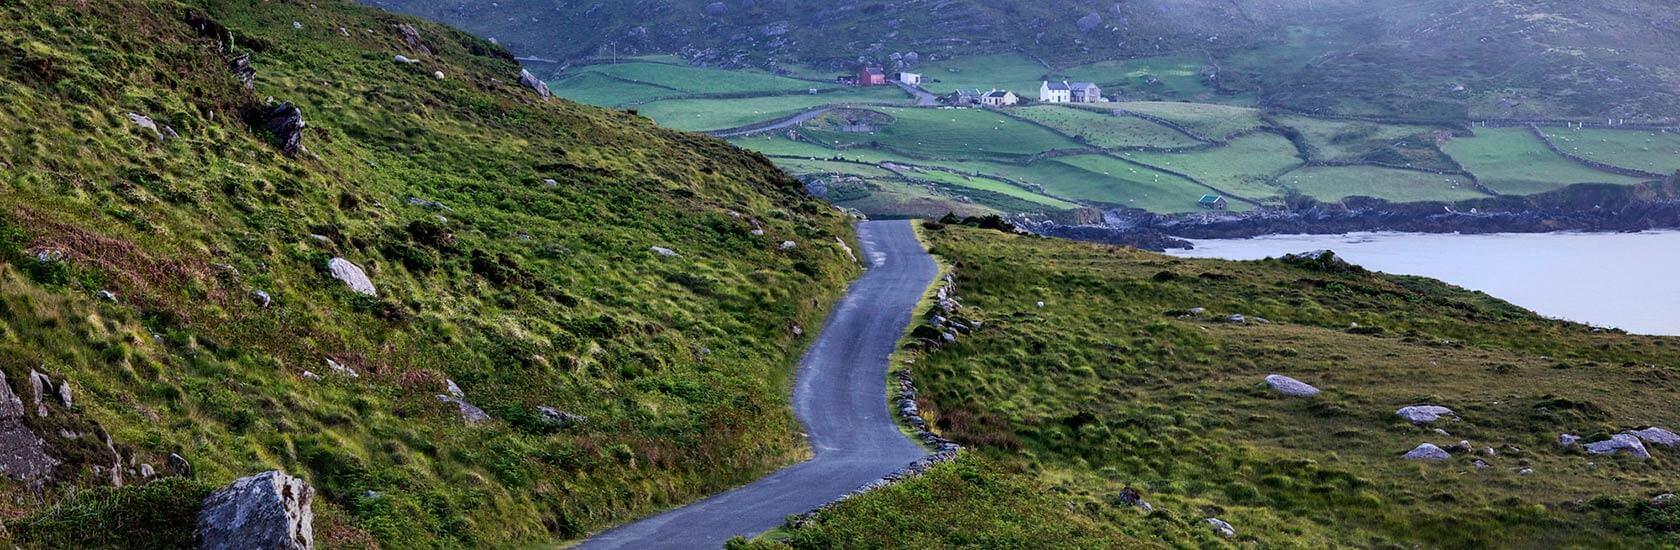 West Cork tour